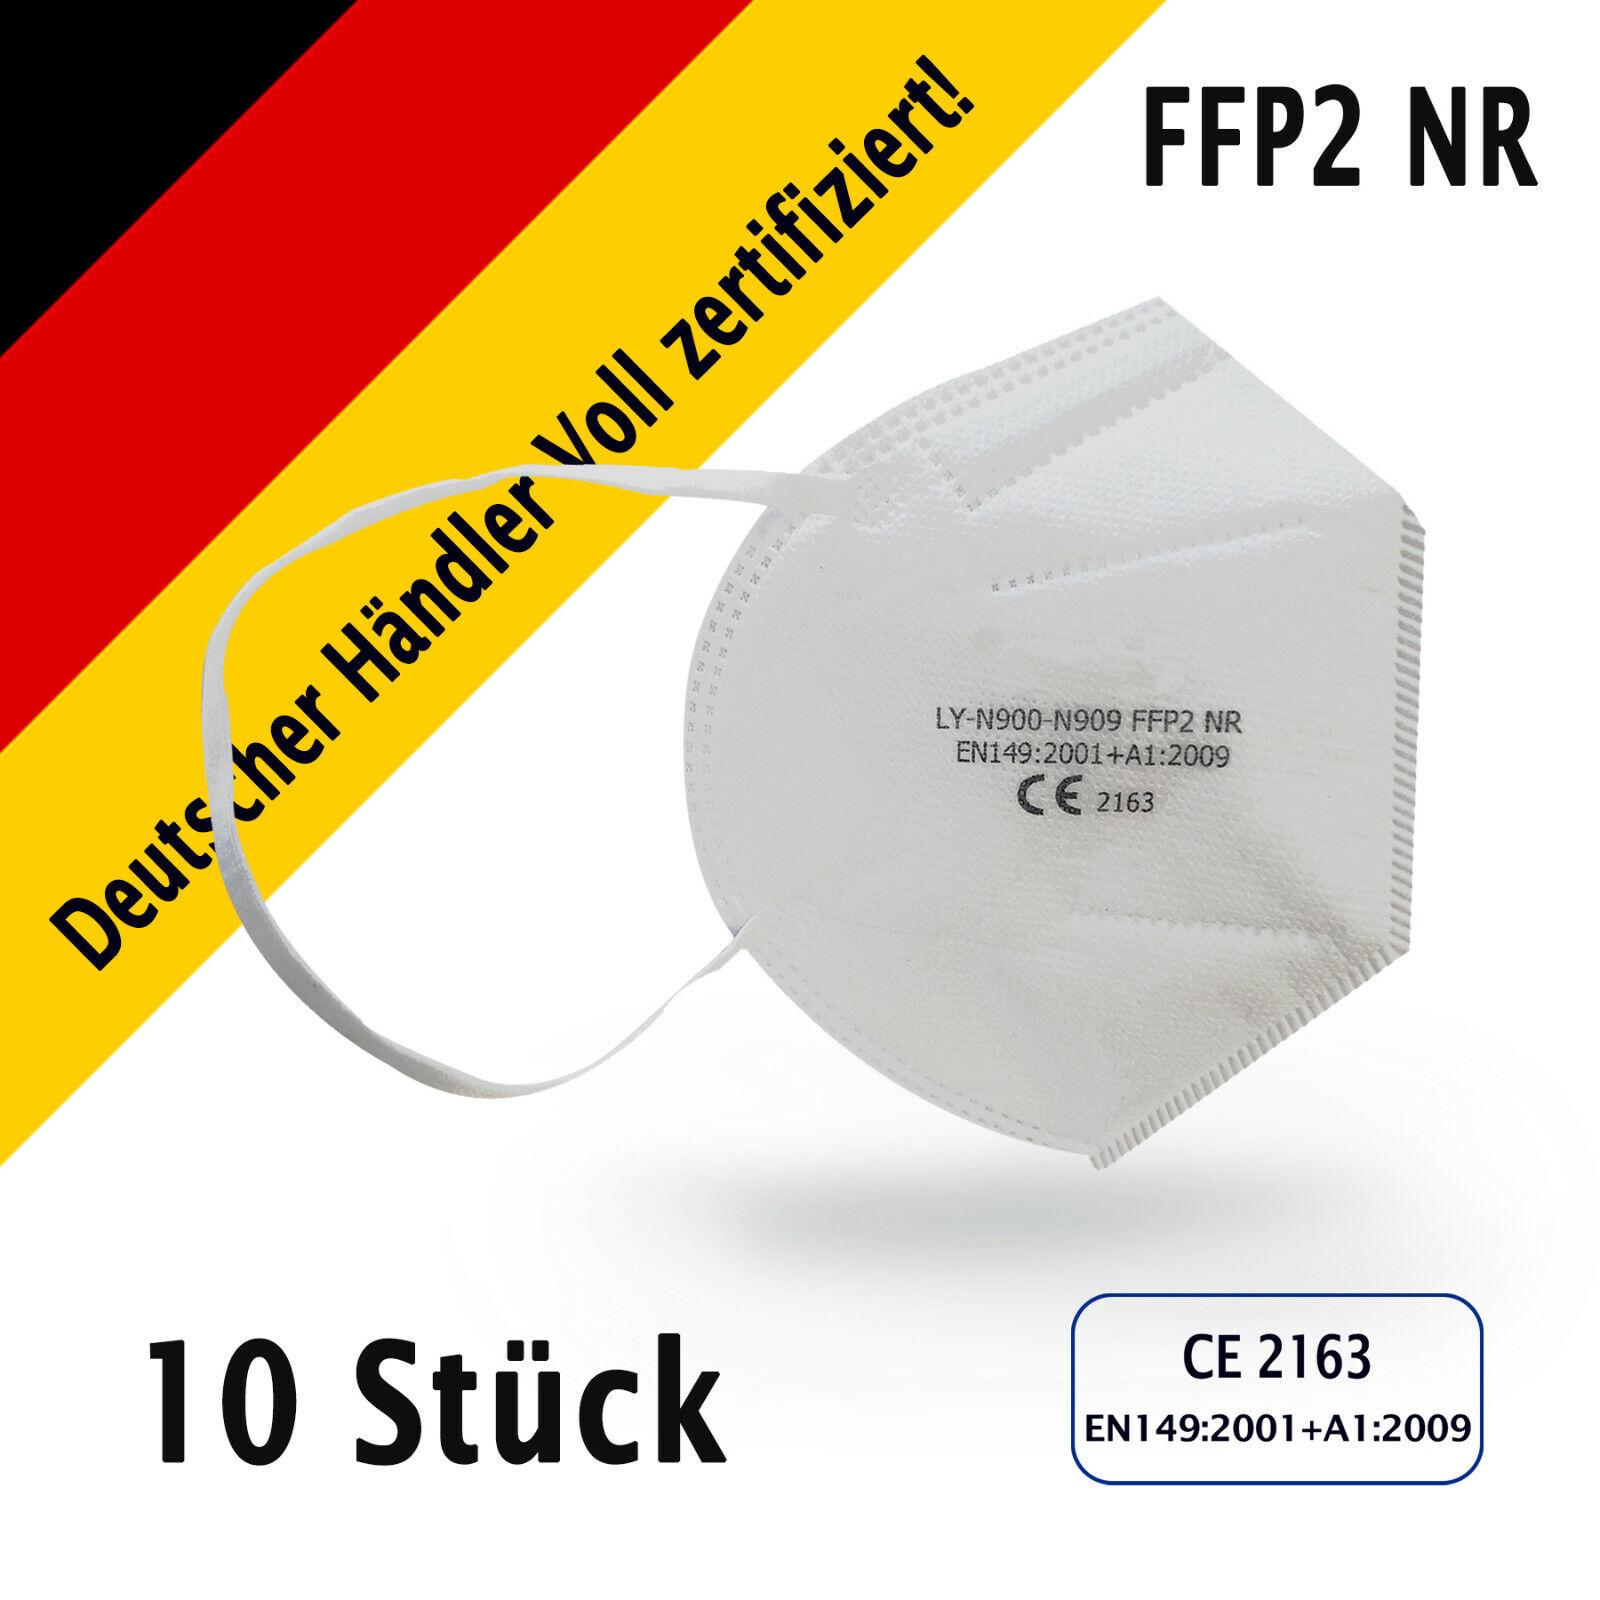 10 x FFP2 NR Maske Mundschutz Masken Atemschutz 5-lagig CE Voll Zertifikat